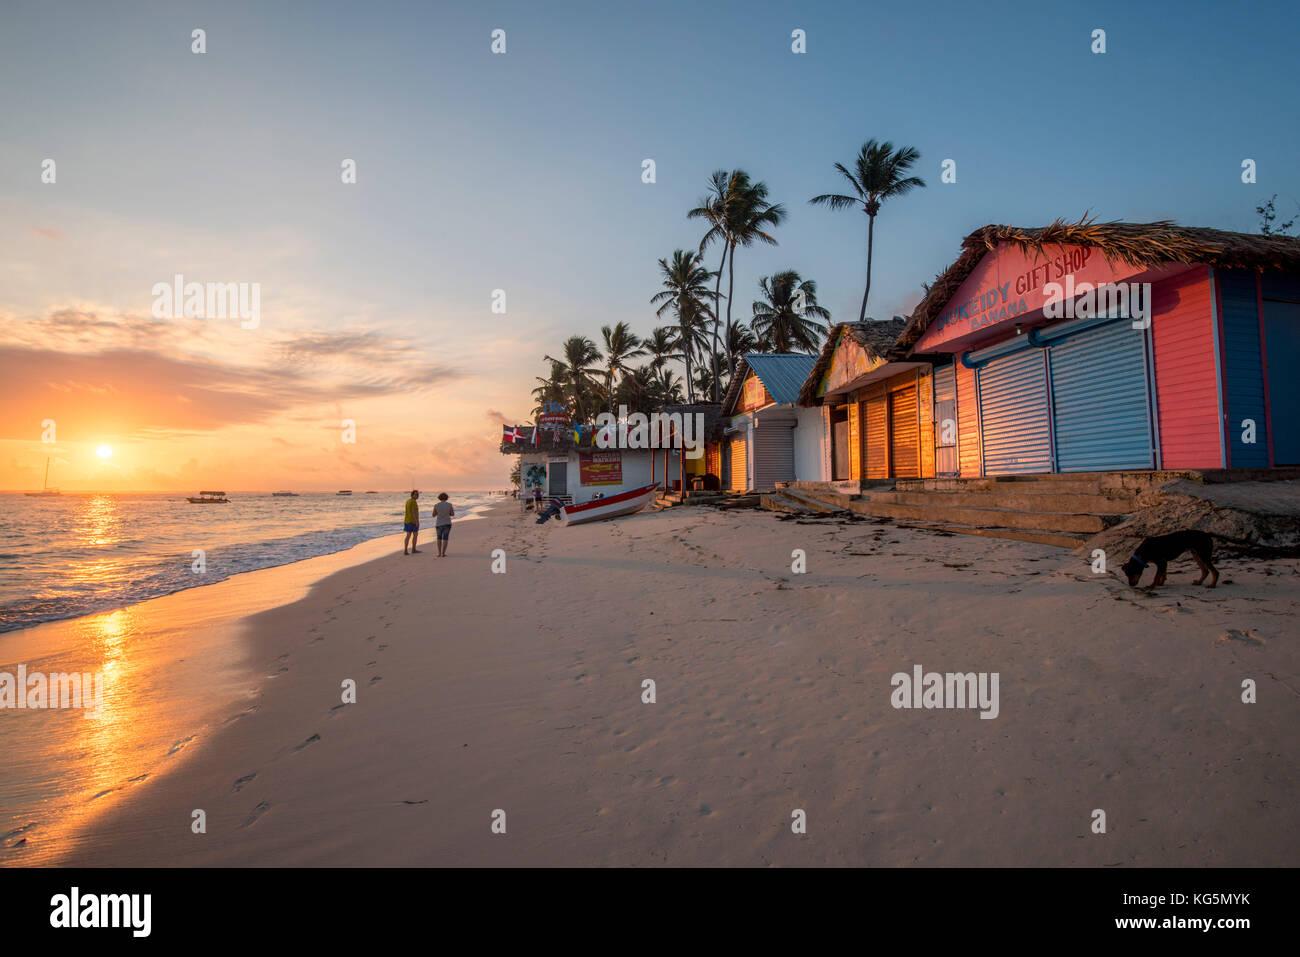 Playa Bavaro Higuey, Bávaro, Punta Cana, República Dominicana. Las casetas de playa al amanecer. Imagen De Stock